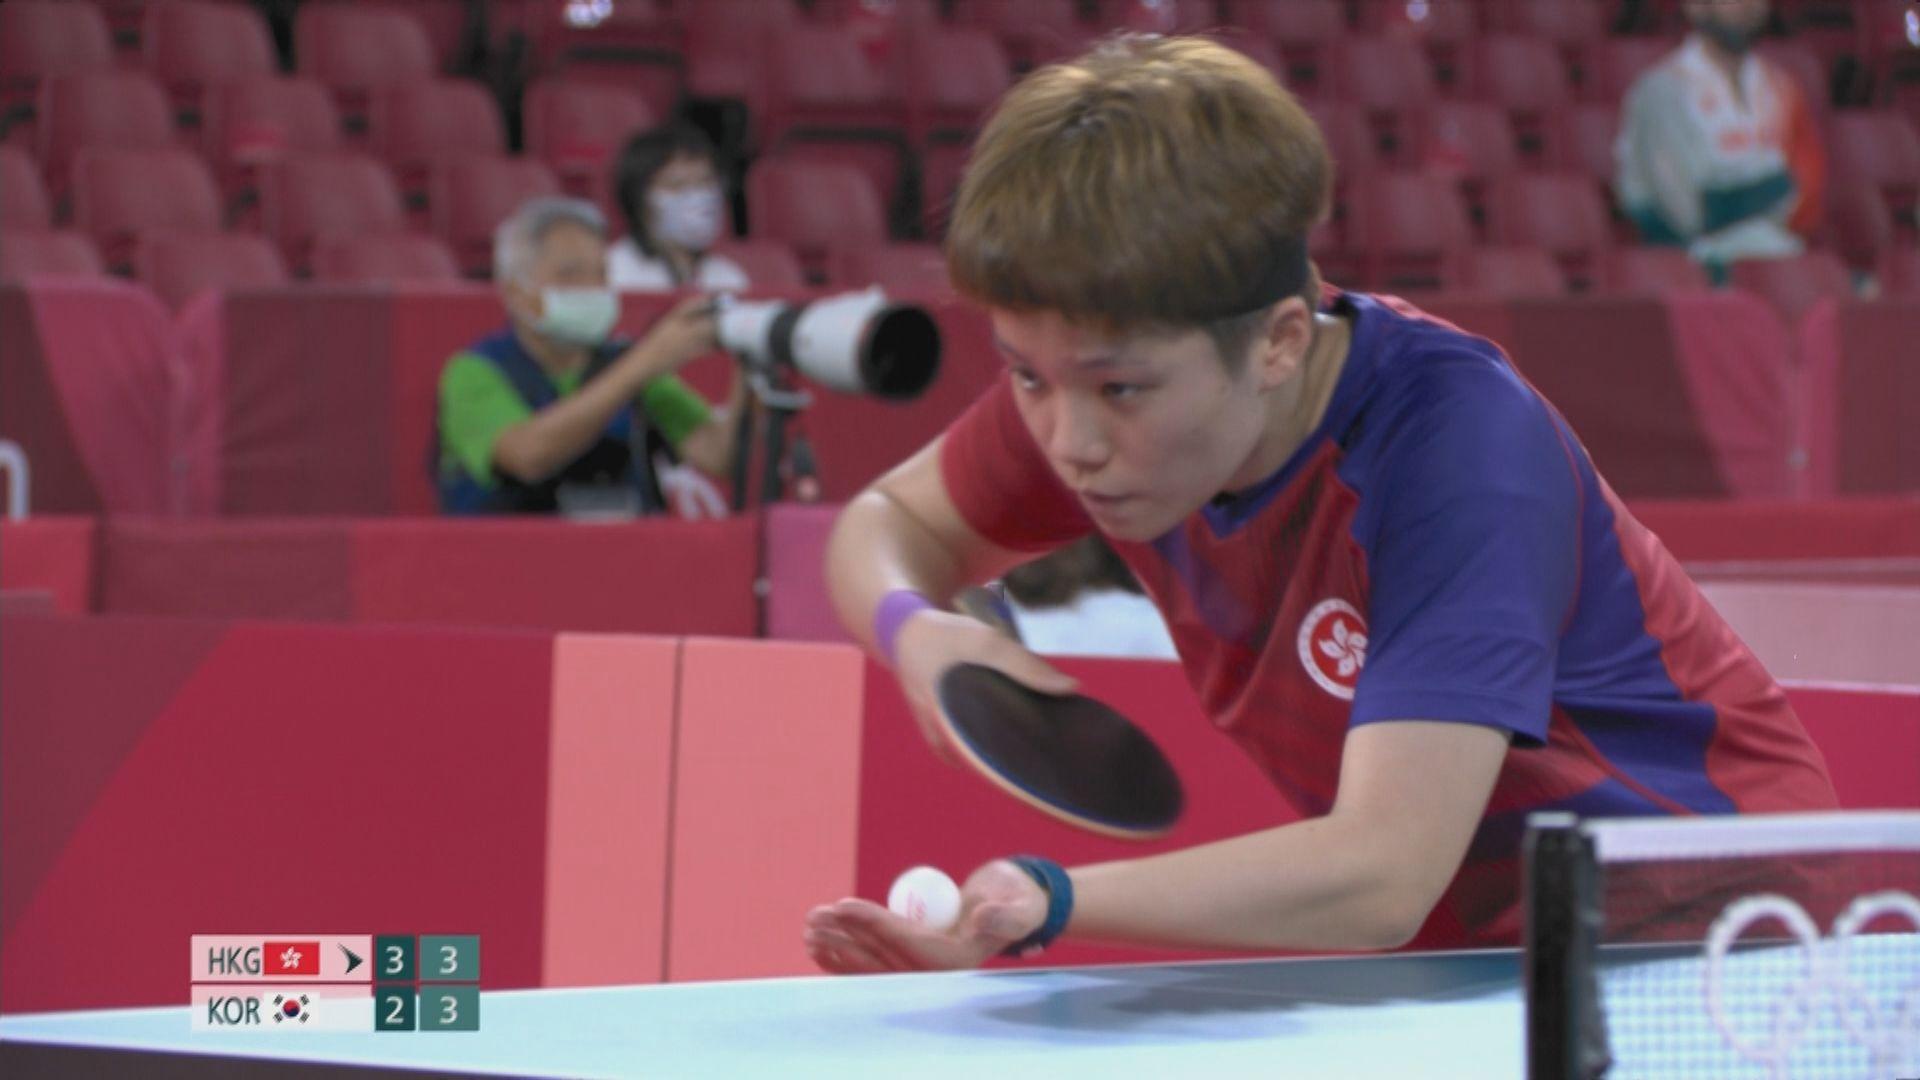 乒乓球女單 杜凱琹擊敗南韓代表晉身16強